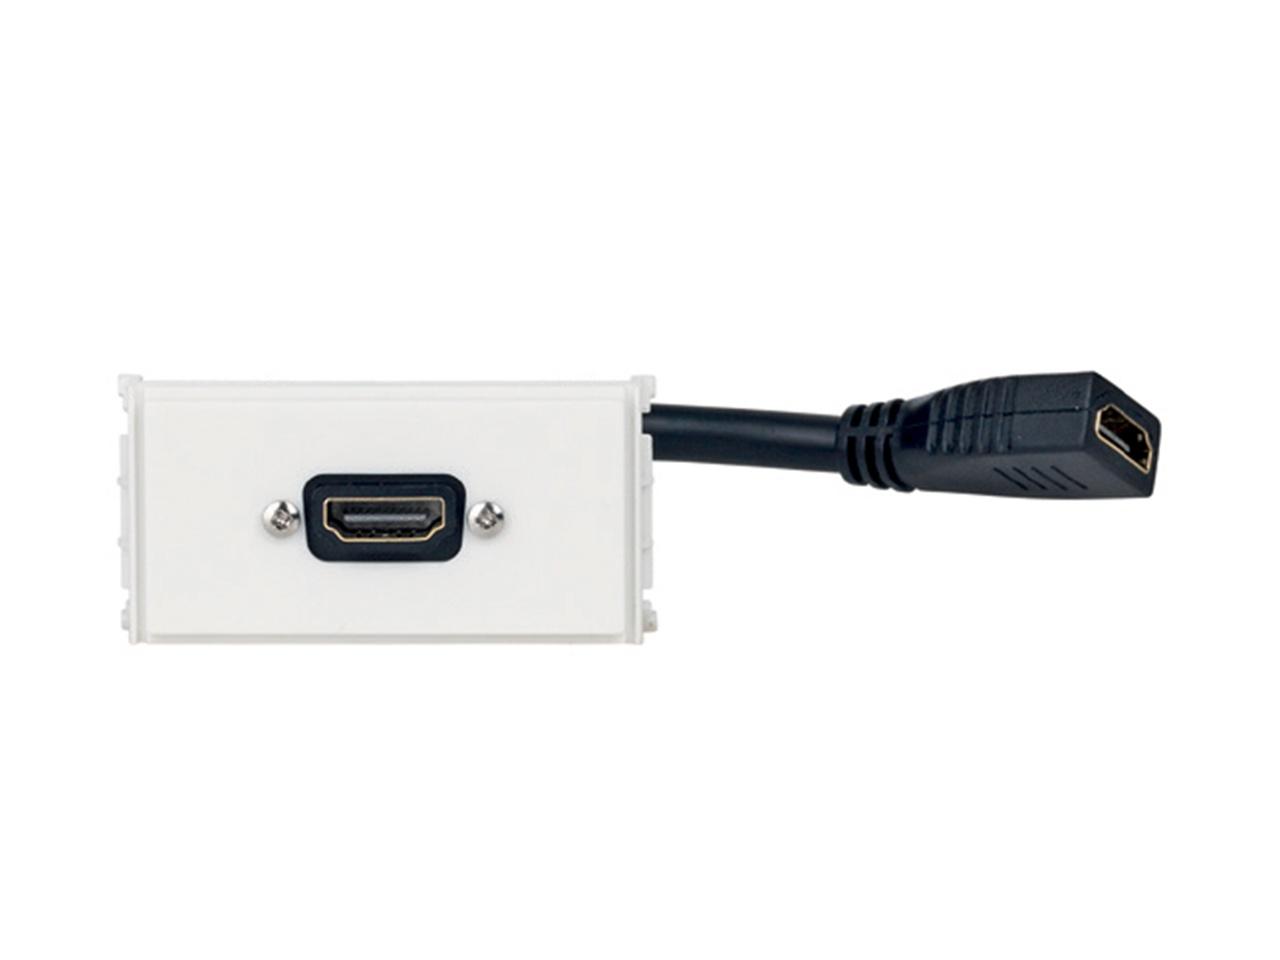 Csatlakozo Oldafali HDMI WI221273 1 Vizuáltechnika bolt